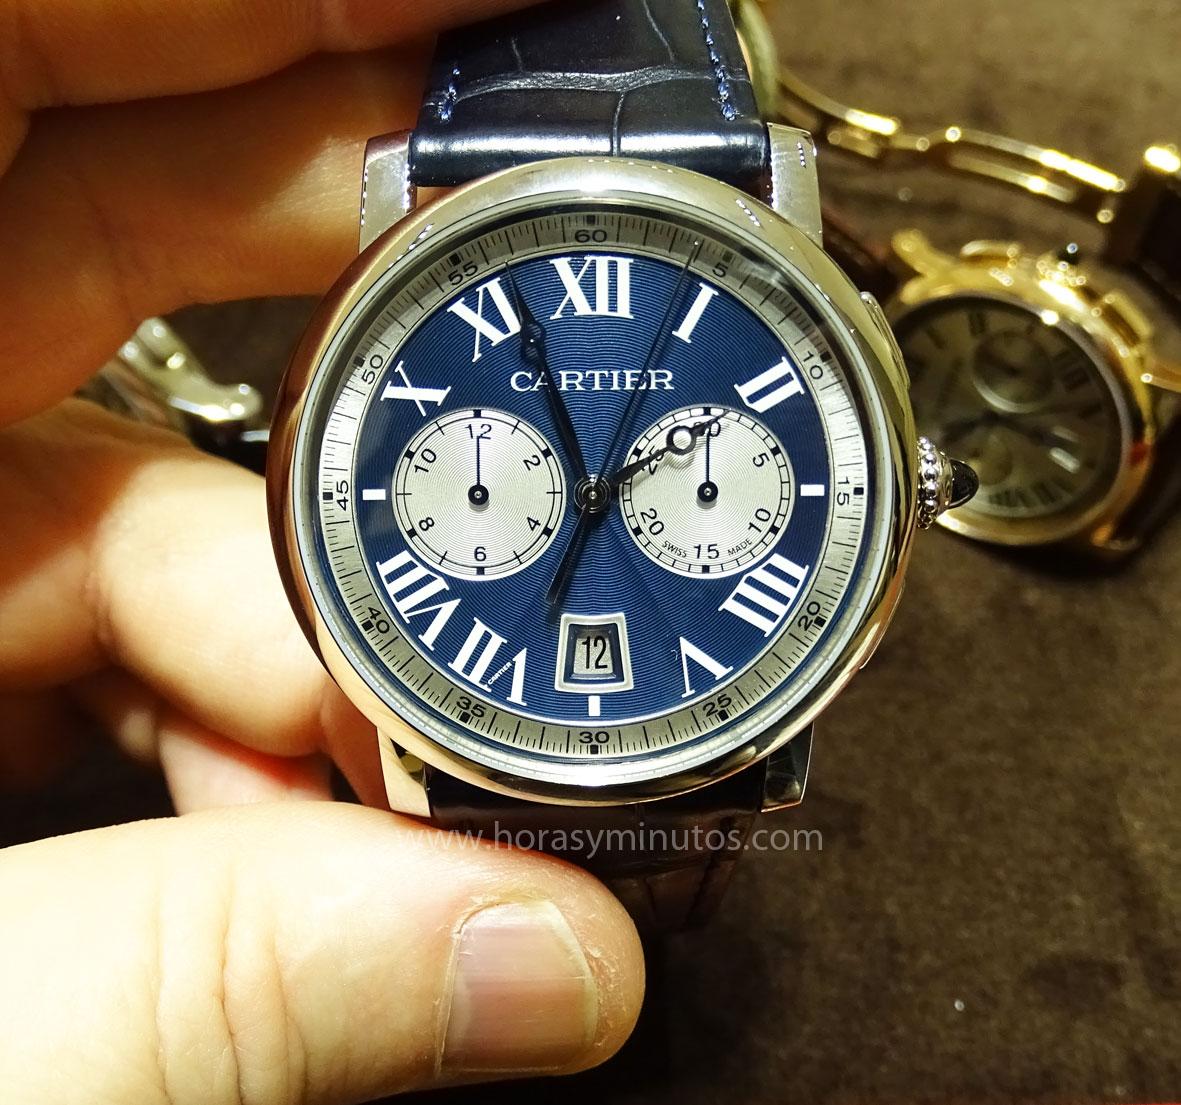 Rotonde de Cartier Chronograph edición boutique